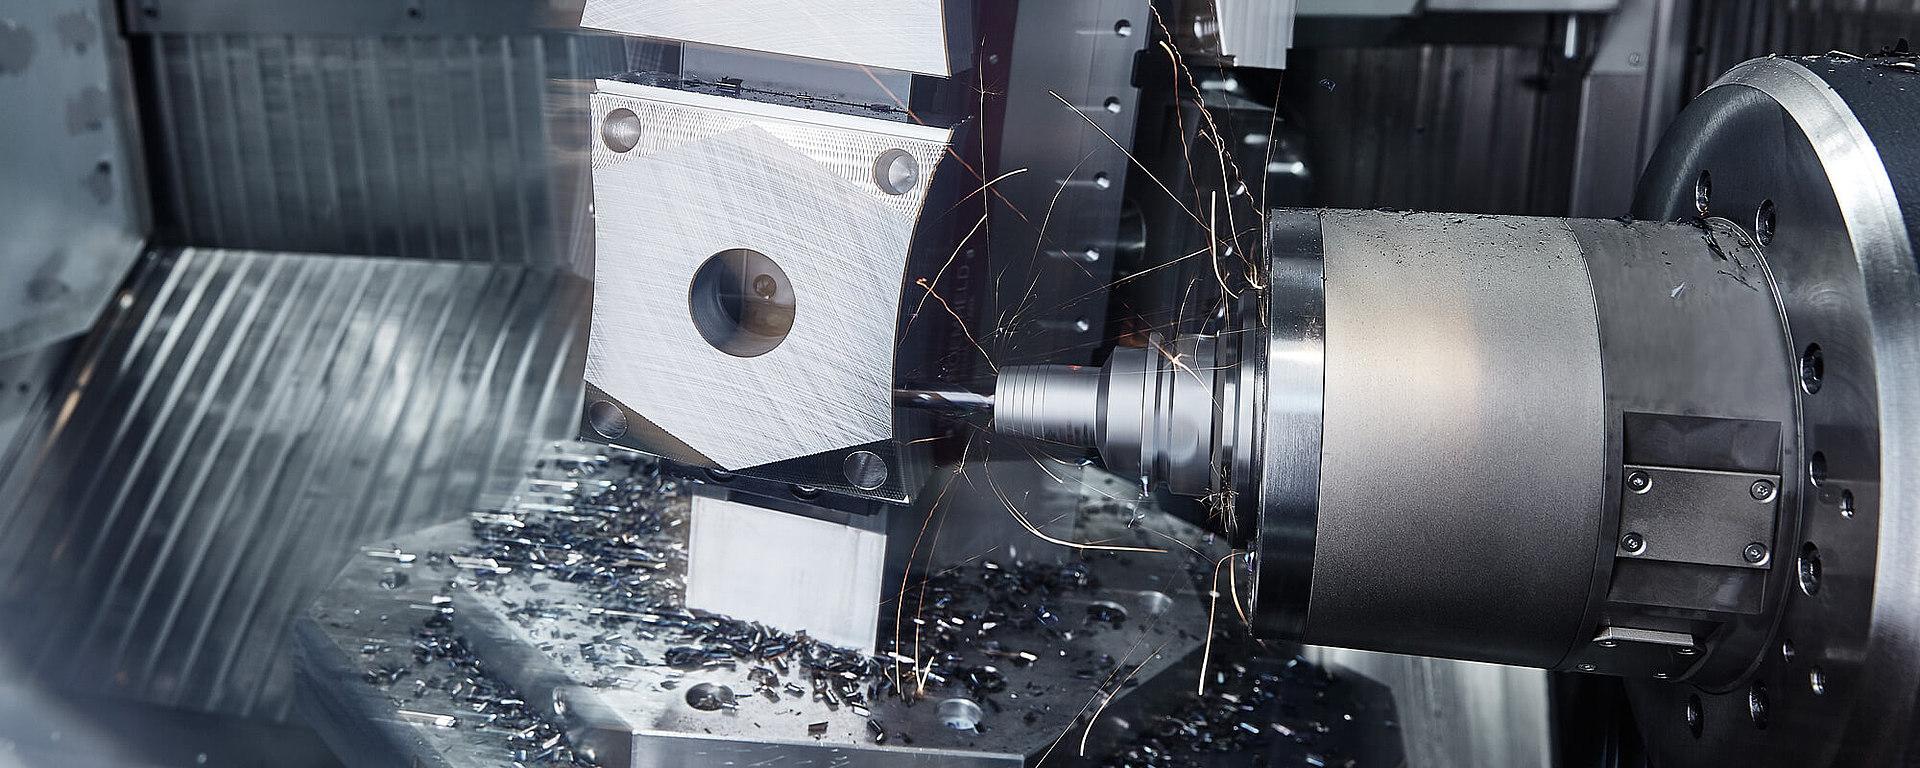 Die Werkzeugmaschine wird hier als Anwendungsbeispiel für Feintechnik gezeigt.